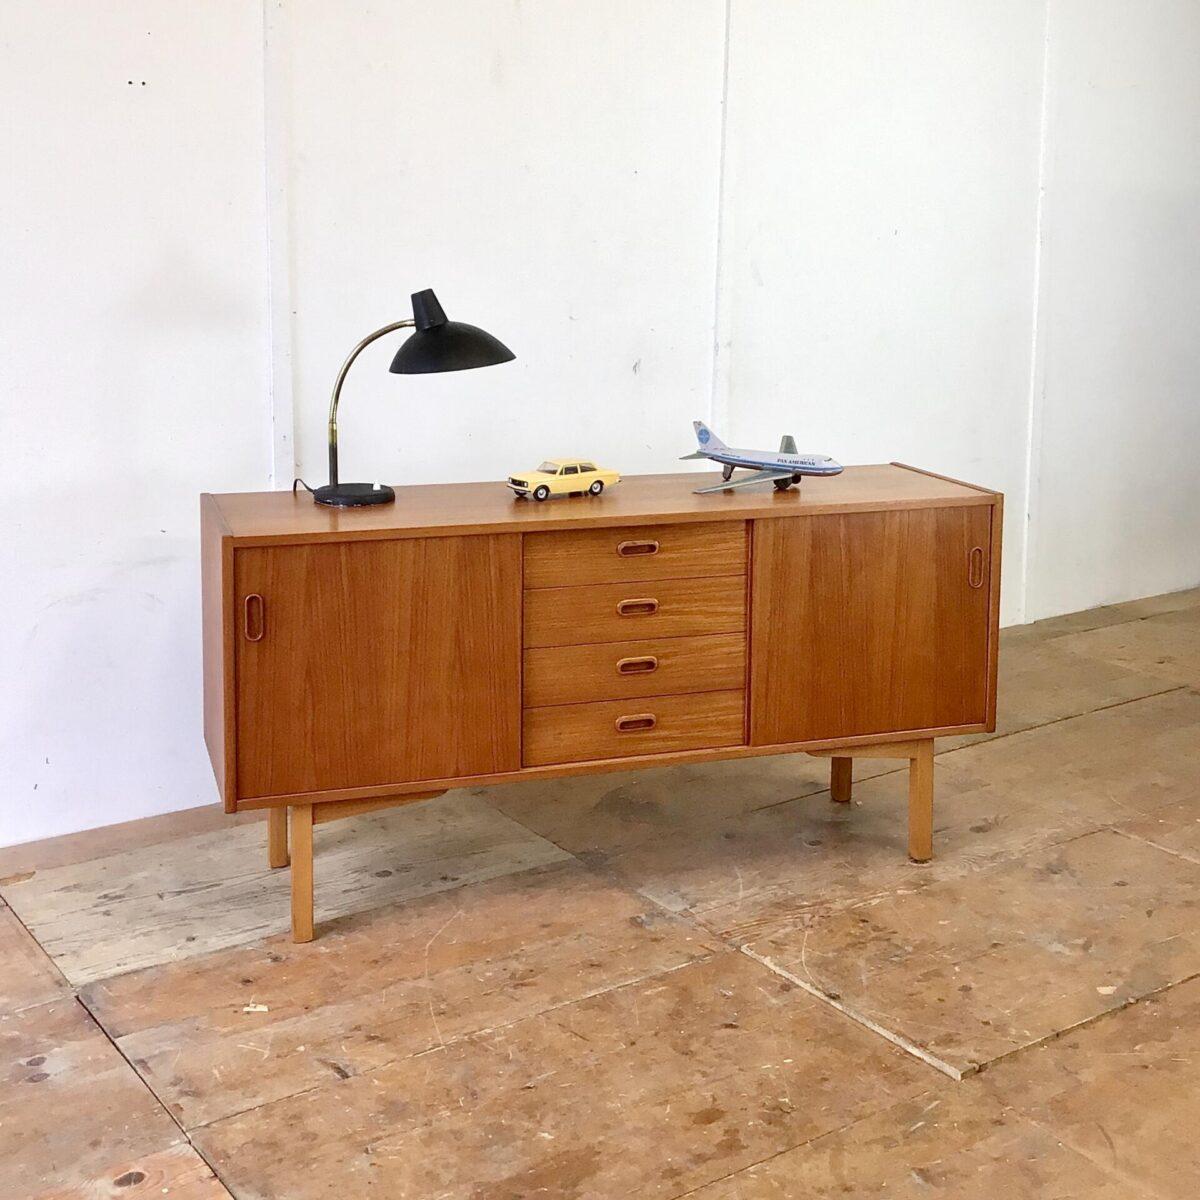 Midcentury Teak Sideboard aus den 60er Jahren 150x42cm Höhe 74cm. Schlichtes Symmetrisches Möbel mit Schiebetüren und Schubladen, in gutem Zustand. Hinter den Schiebetüren befindet sich je ein Tablar. Die eckigen geraden Beine heben das Möbel schön vom Boden ab. Proportional sehr stimmig wie ich finde.